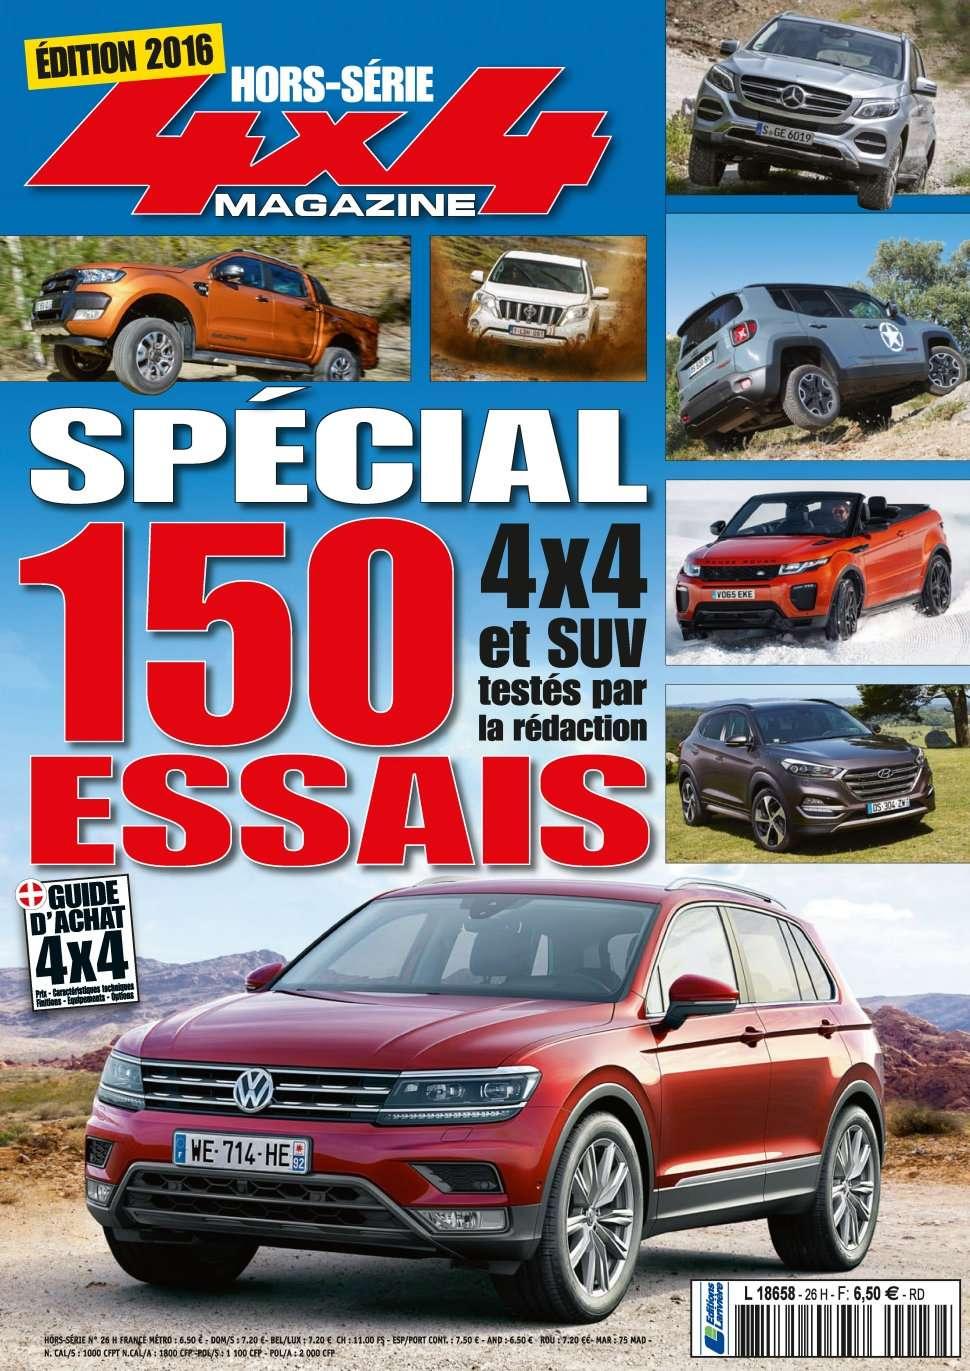 4x4 magazine Hors-Série 29 - Edition 2016